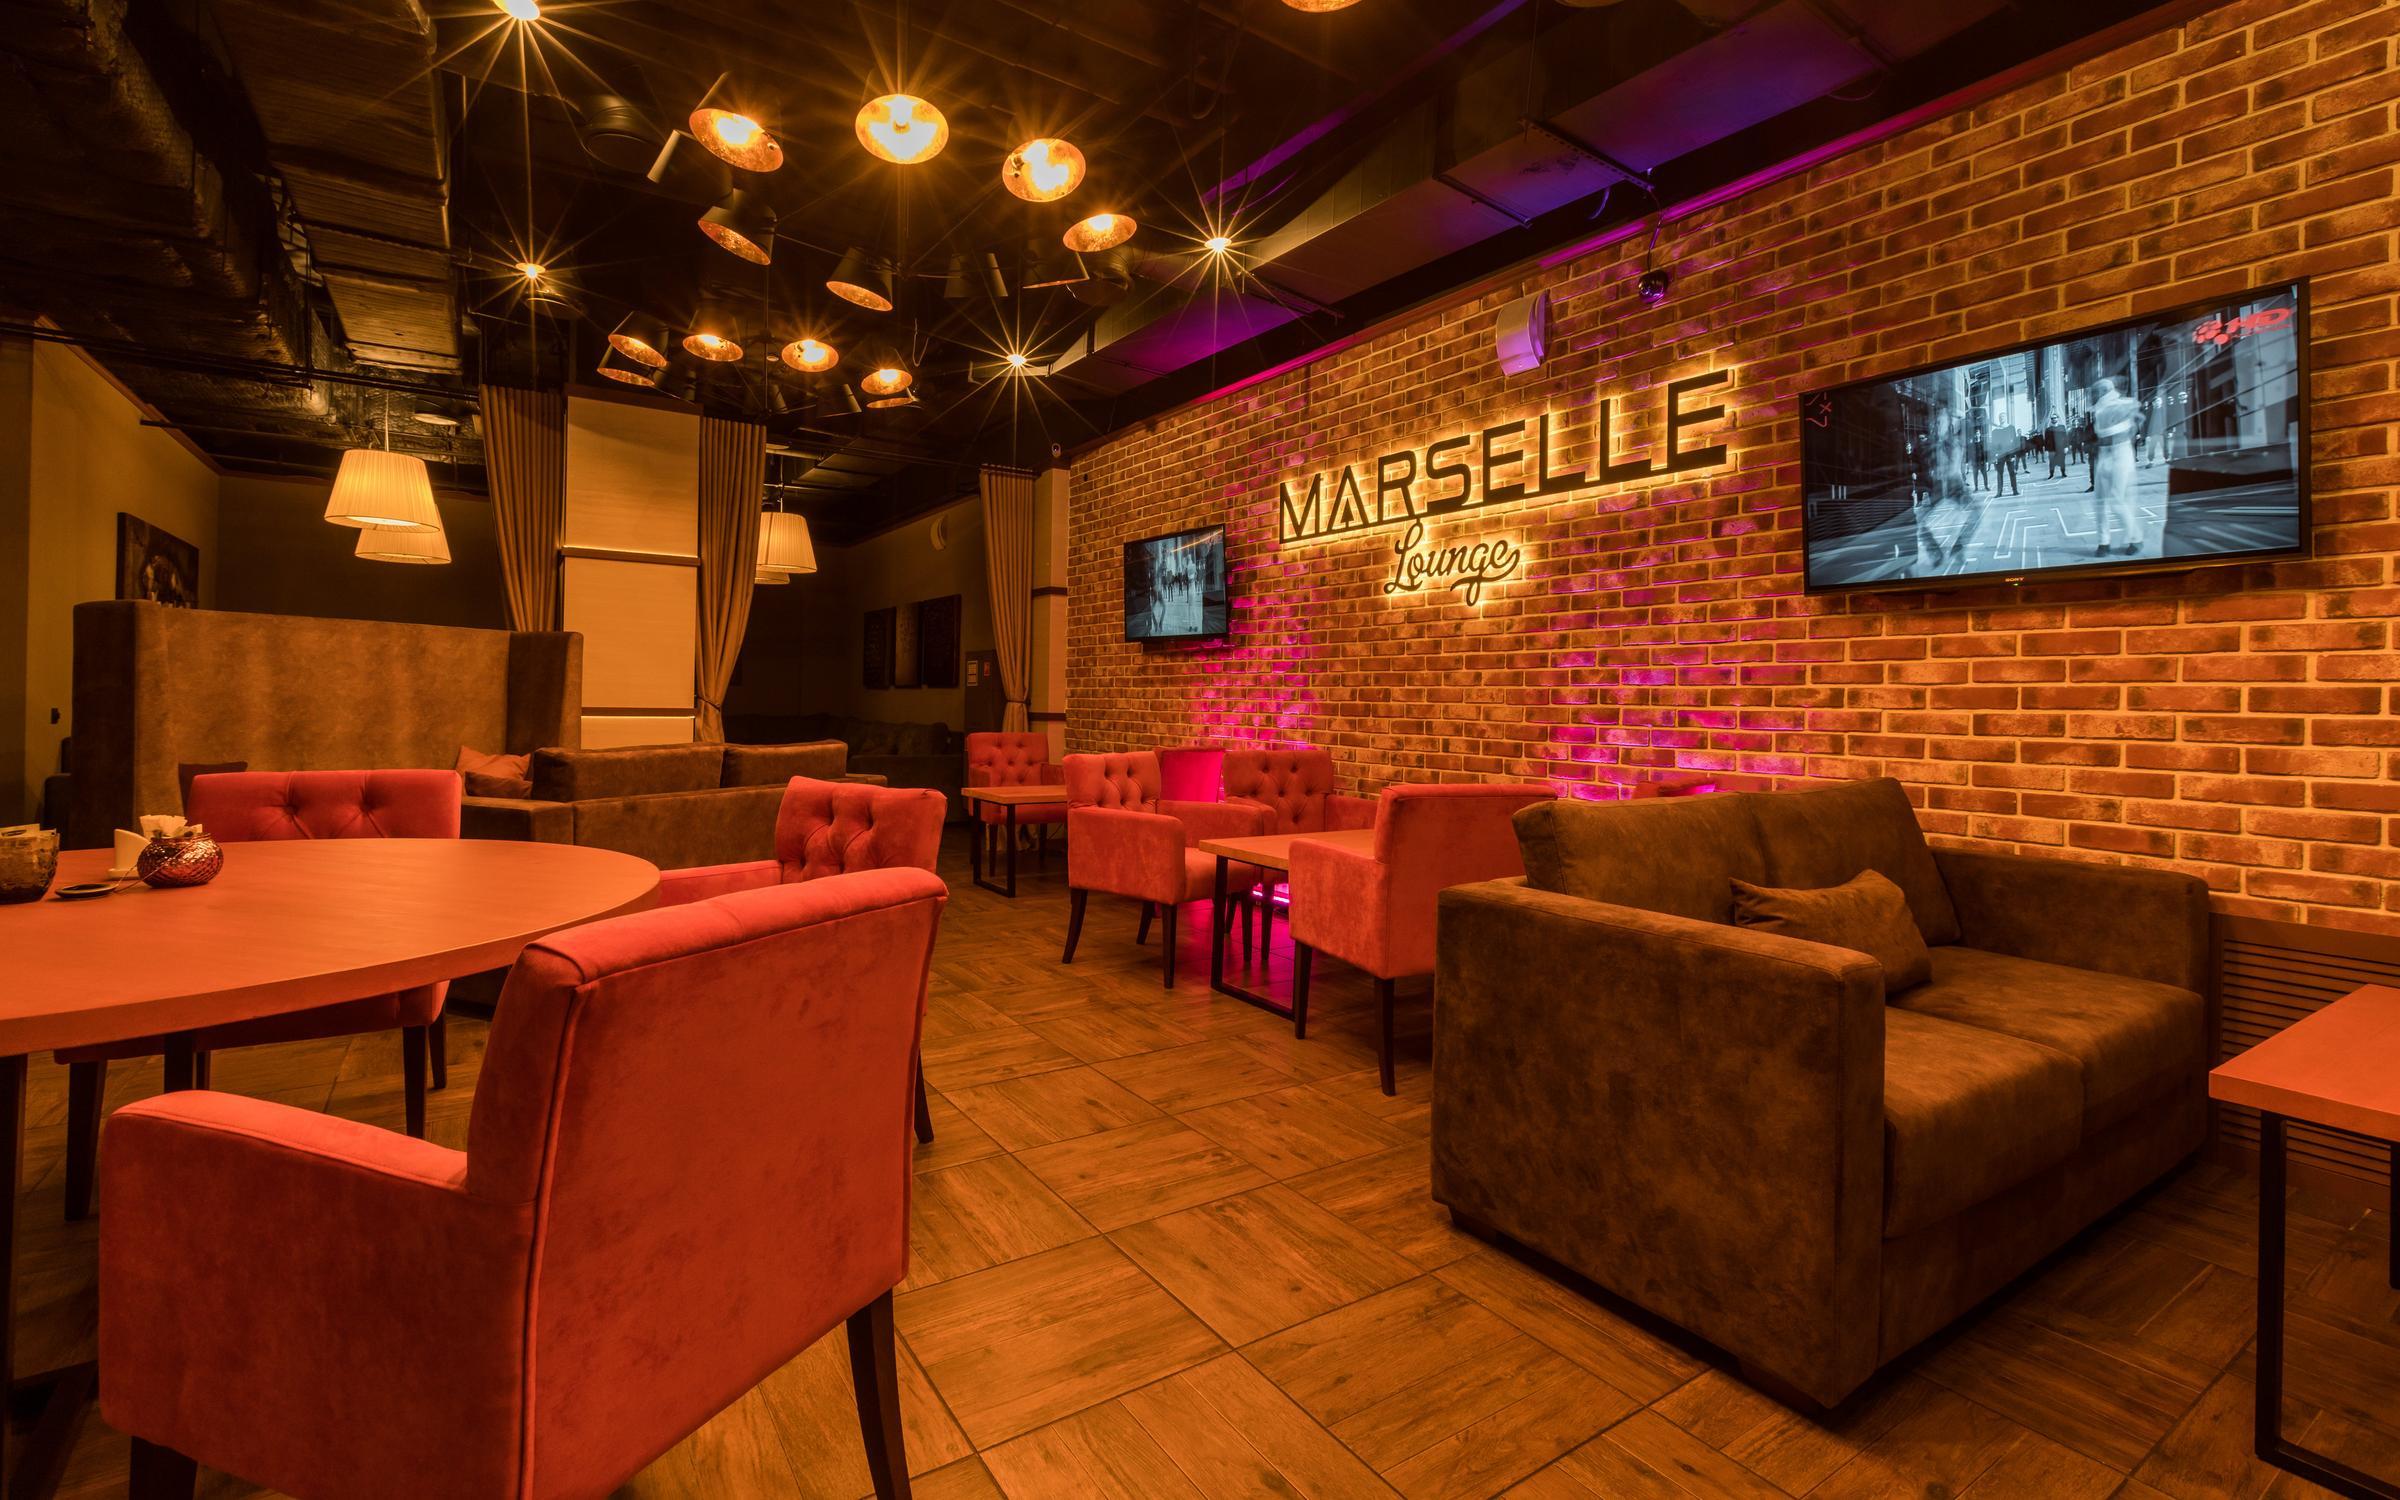 фотография Кальянной Marselle Lounge на улице Октября город Реутов